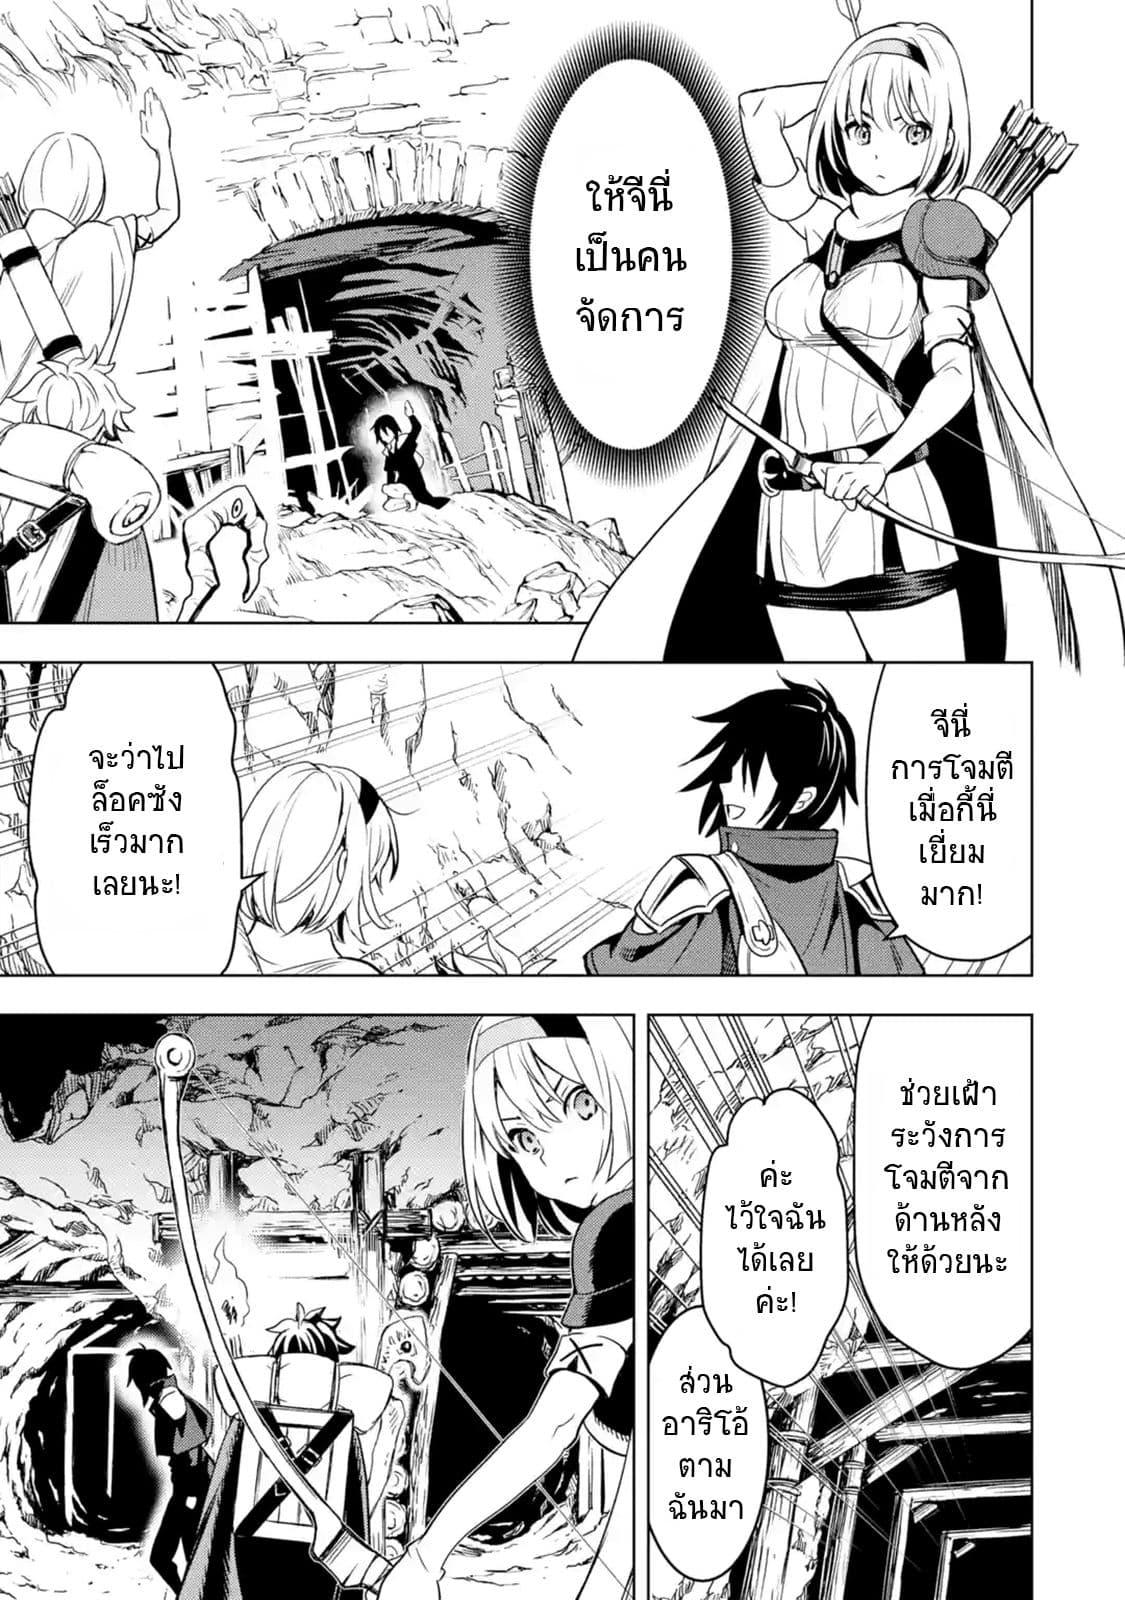 อ่านการ์ตูน Koko wa Ore ni Makasete Saki ni Ike to Itte kara 10 Nen ga Tattara Densetsu ni Natteita ตอนที่ 2 หน้าที่ 30